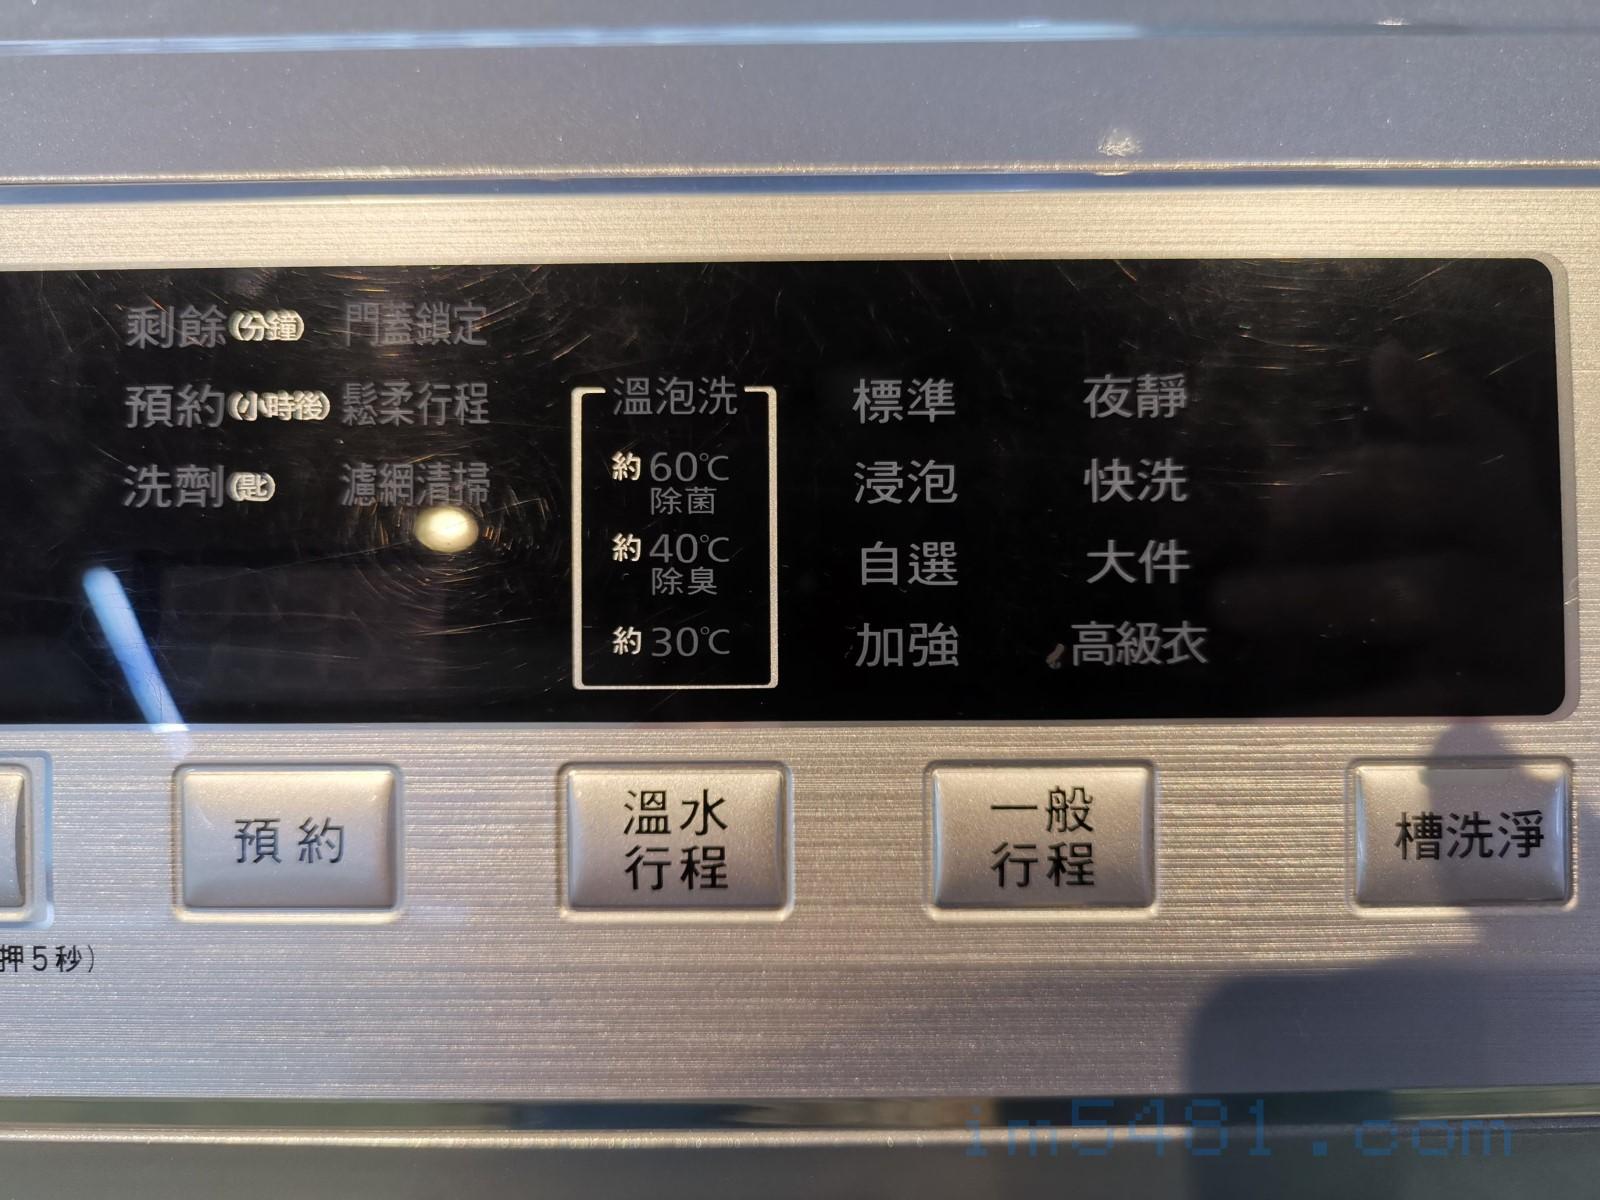 新版洗衣機可以用40度到60度熱水洗衣,但對於納豆菌根本無可奈何。